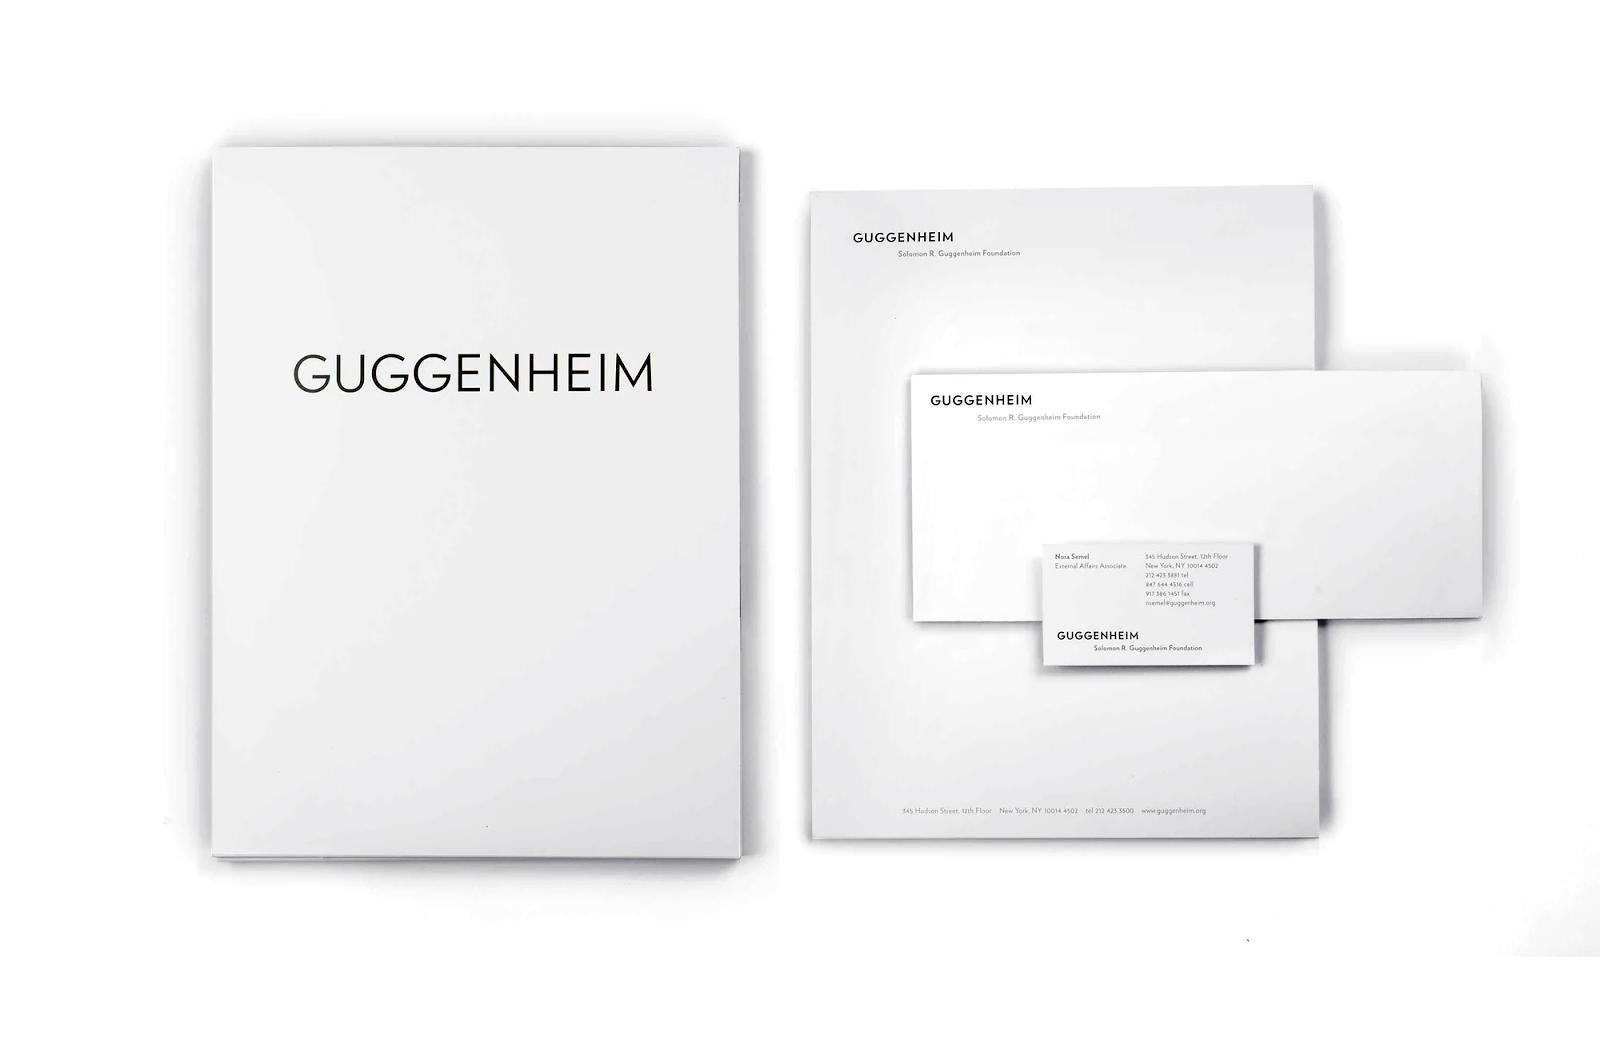 Logotipos de la Colección Peggy Guggenheim